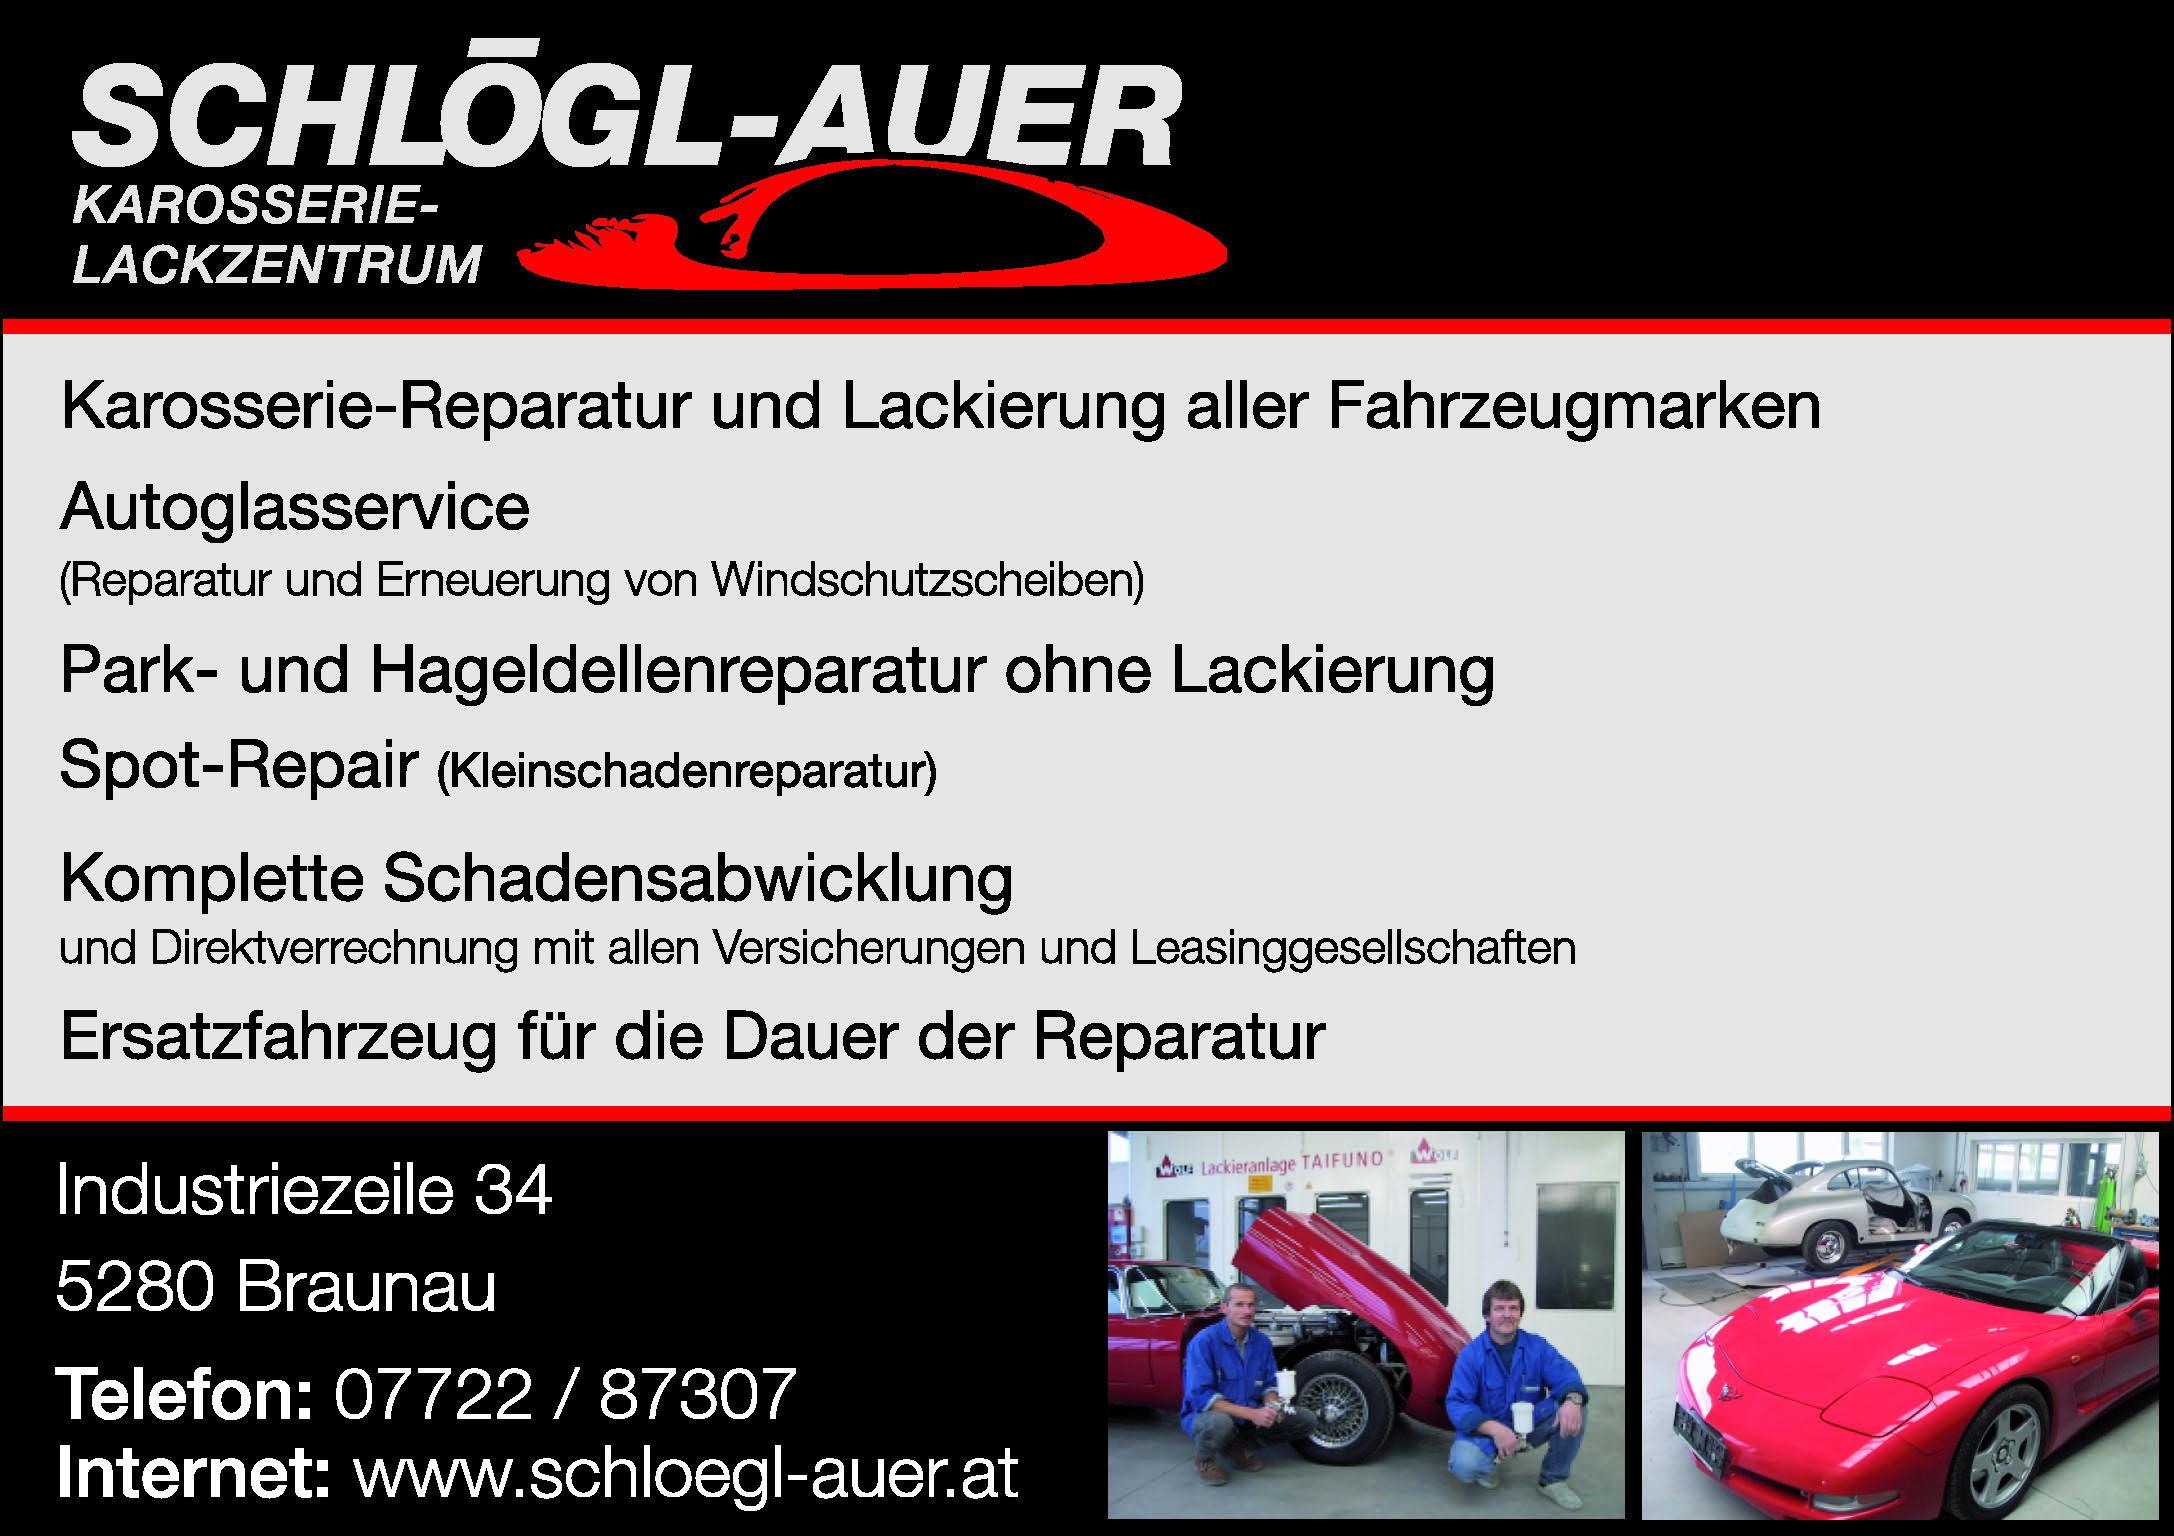 Schlögl-Auer